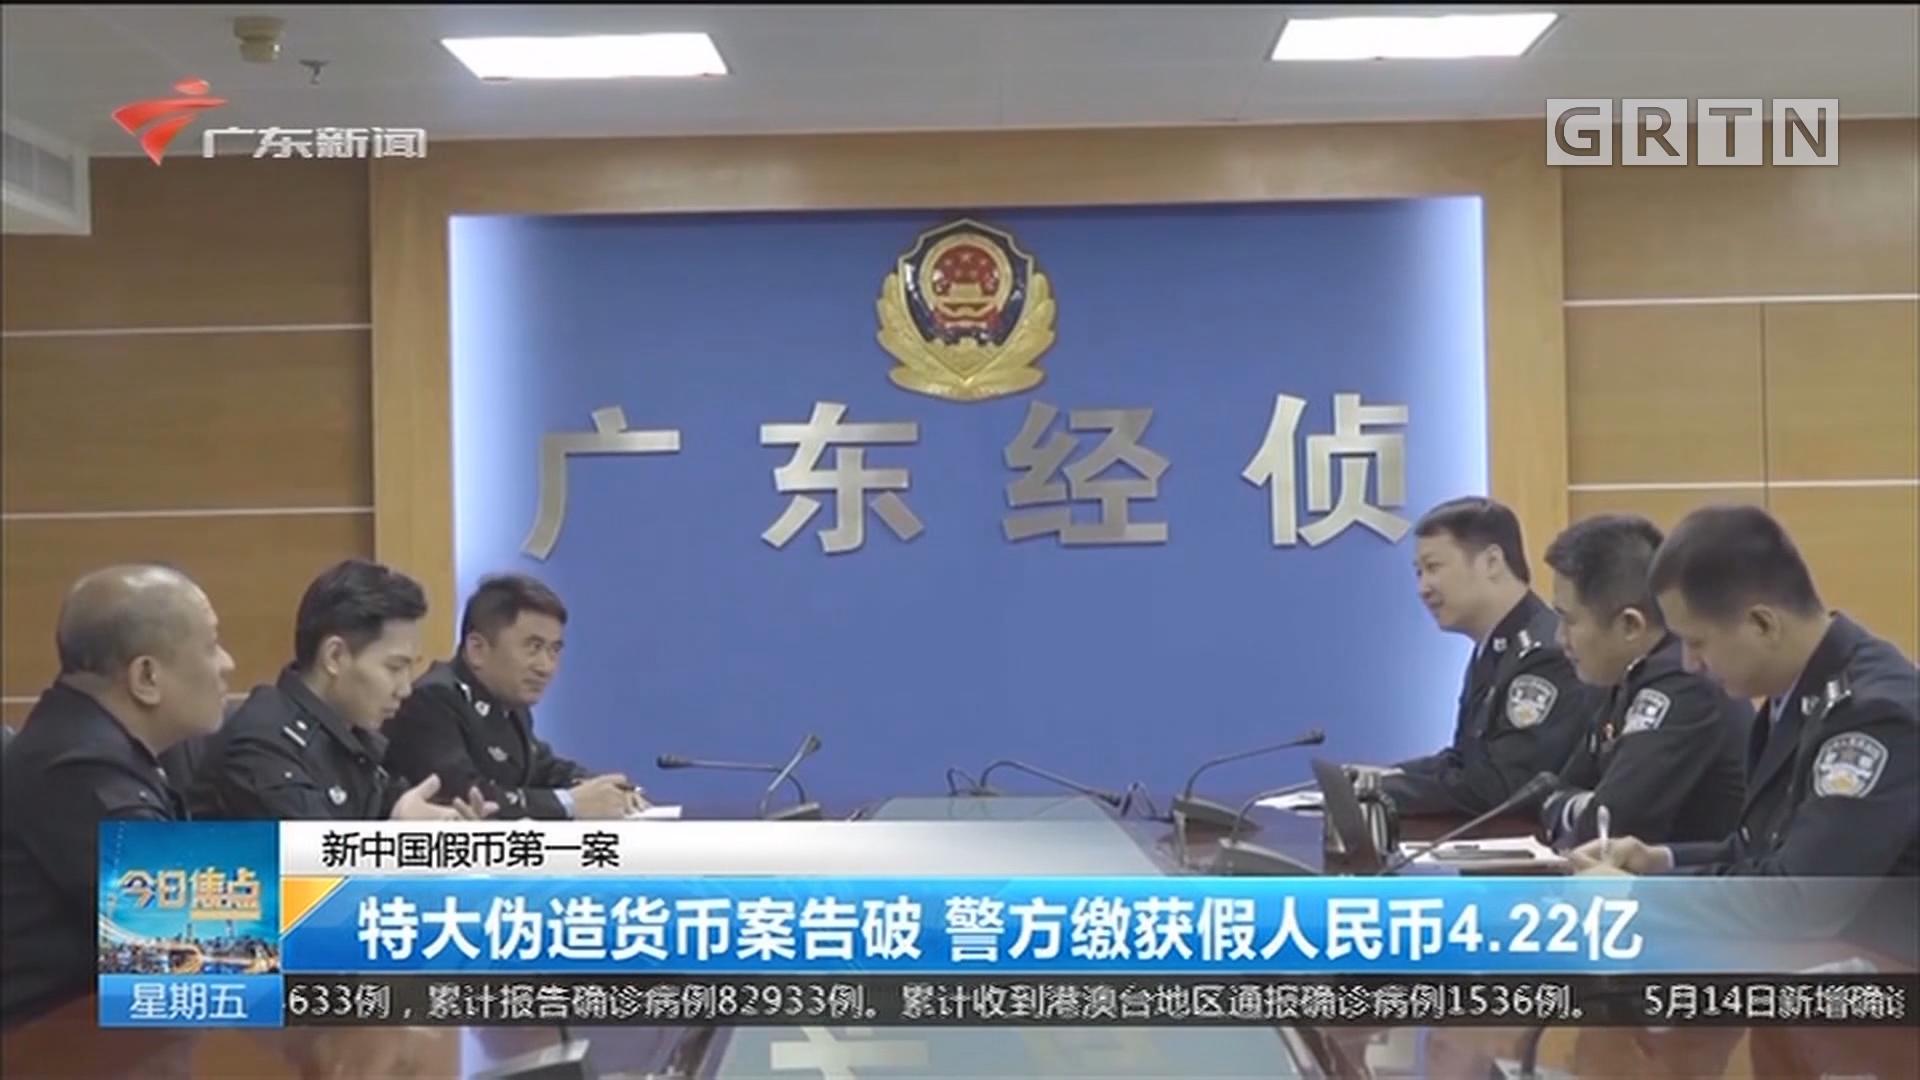 新中国假币第一案:特大伪造货币案告破 警方缴获假人民币4.22亿